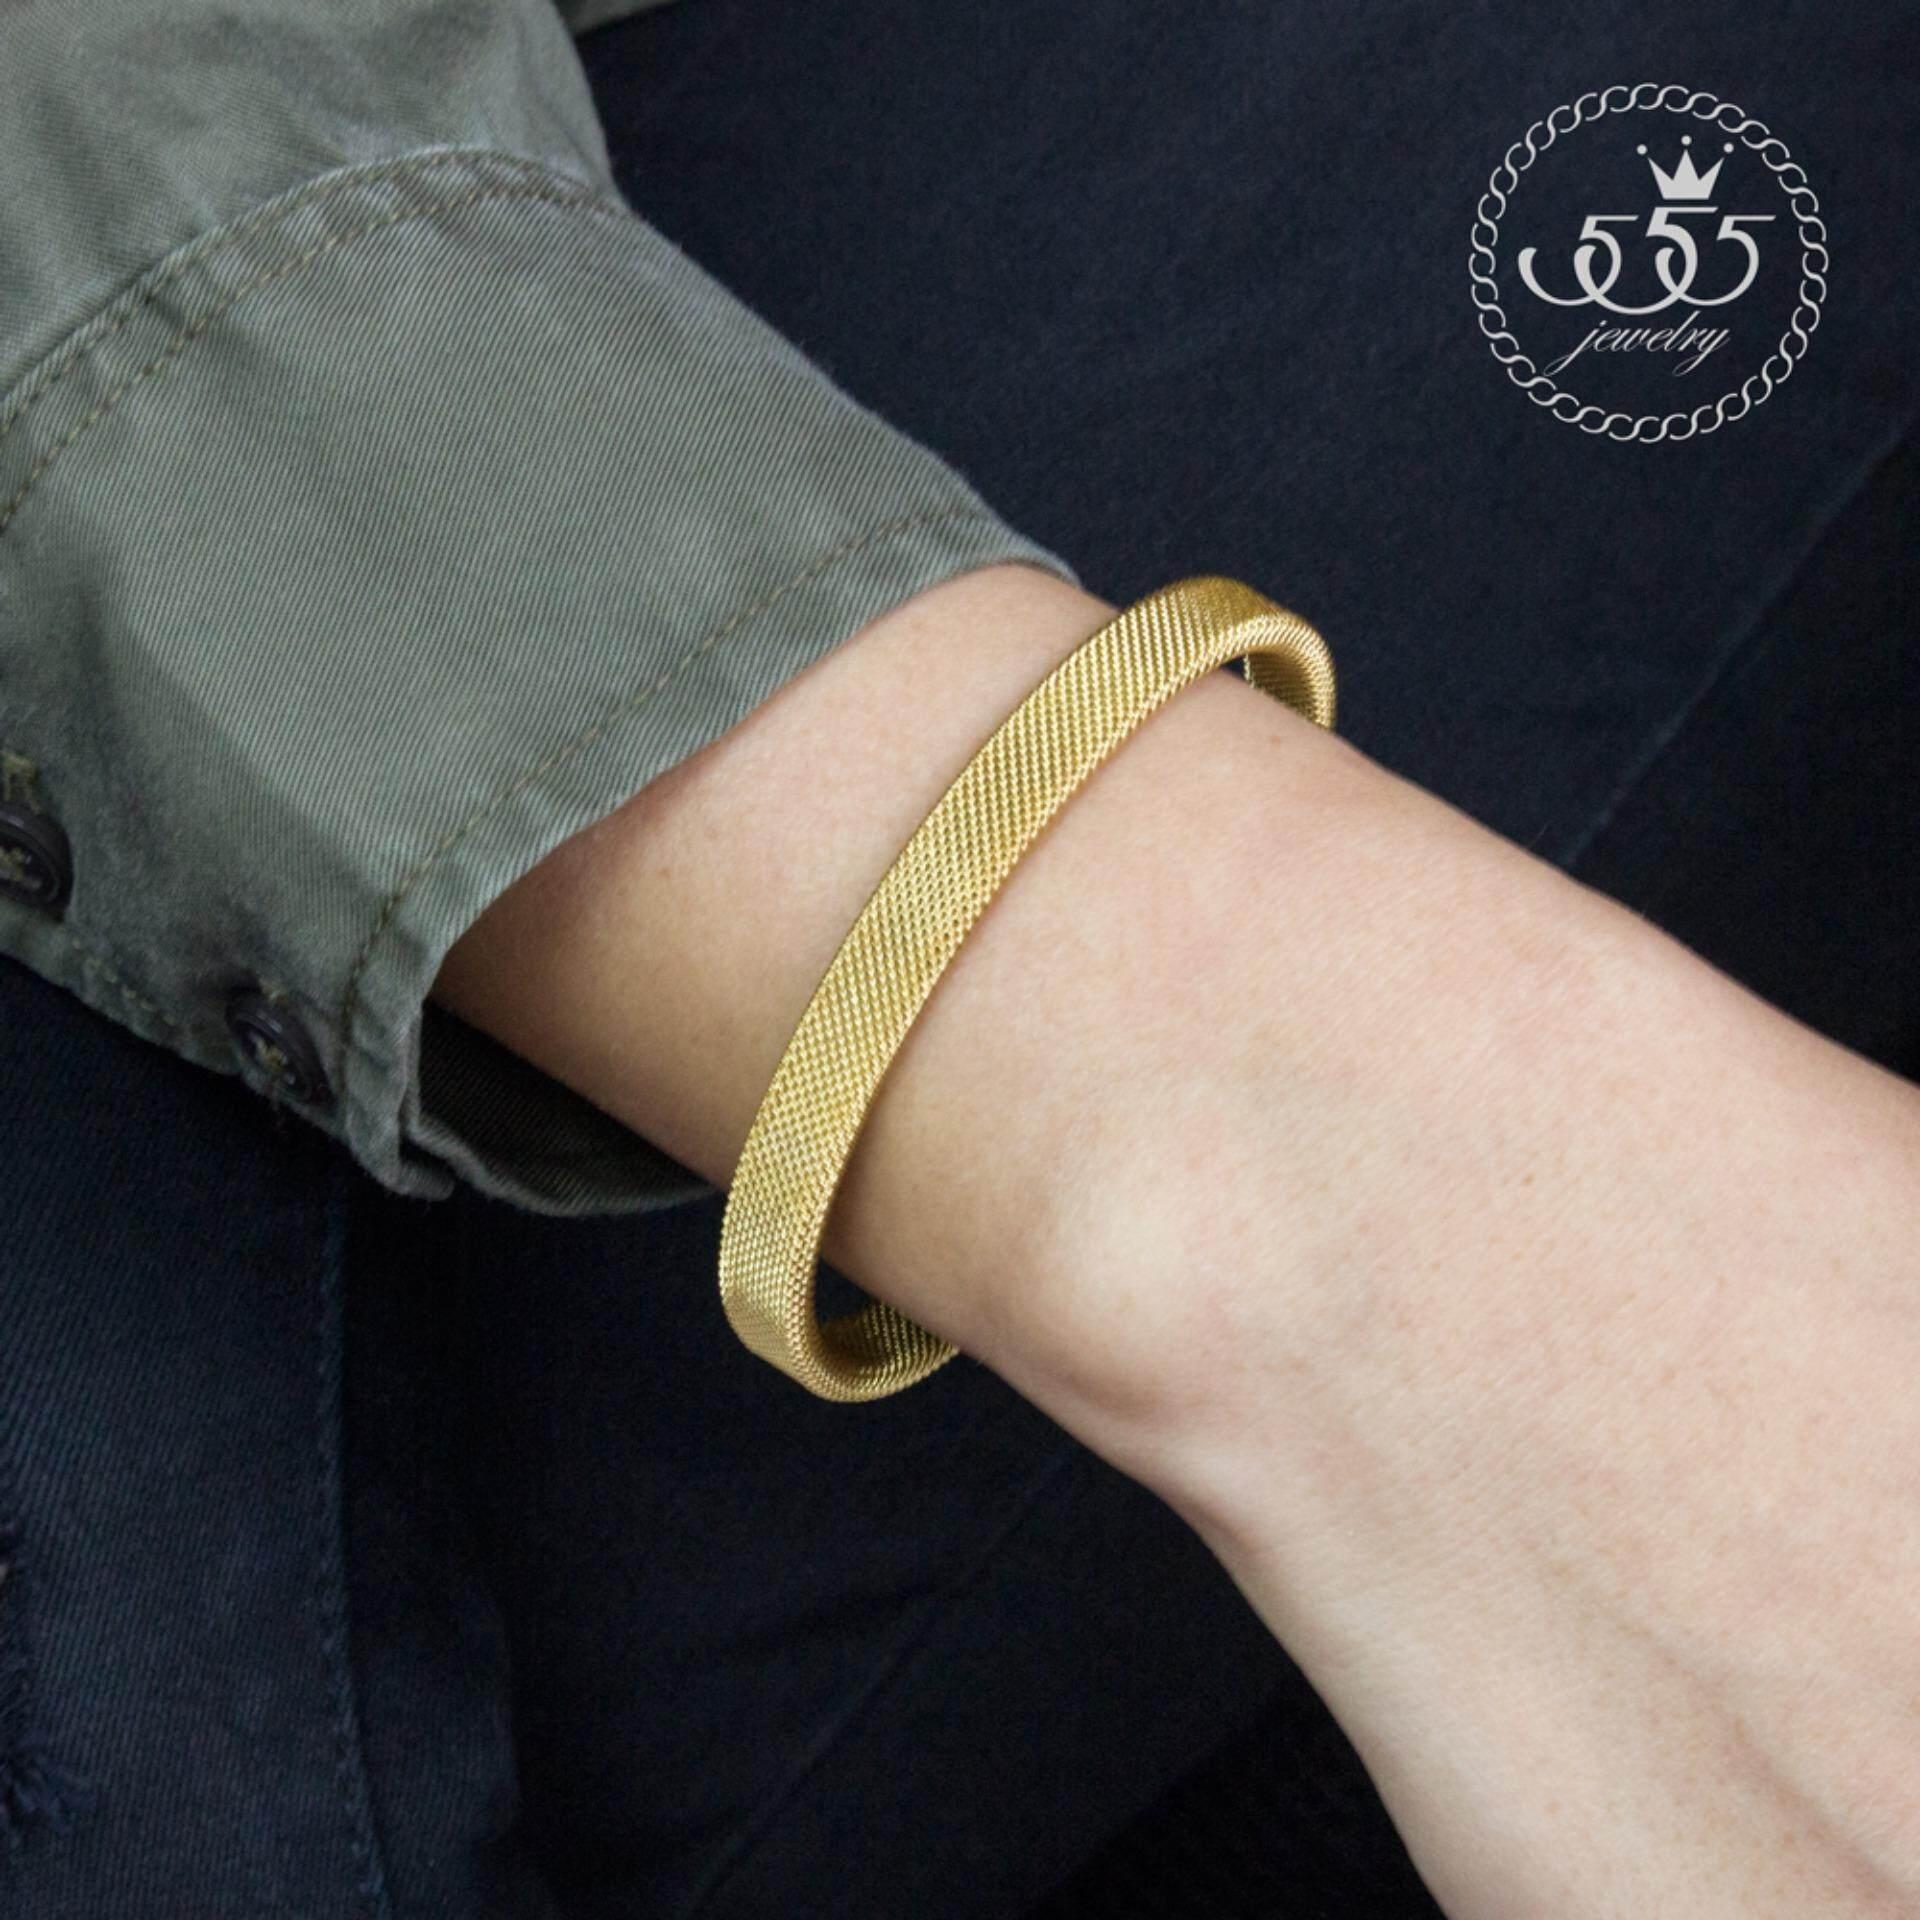 ส่วนลด 555Jewelry 316L Bangle กำไลข้อมือ รุ่น Mnc Bg077 B Yellow Gold กำไลข้อมือ กำไลข้อมือหญิง กำไลข้อมือคู่ กำไลข้อมือทอง